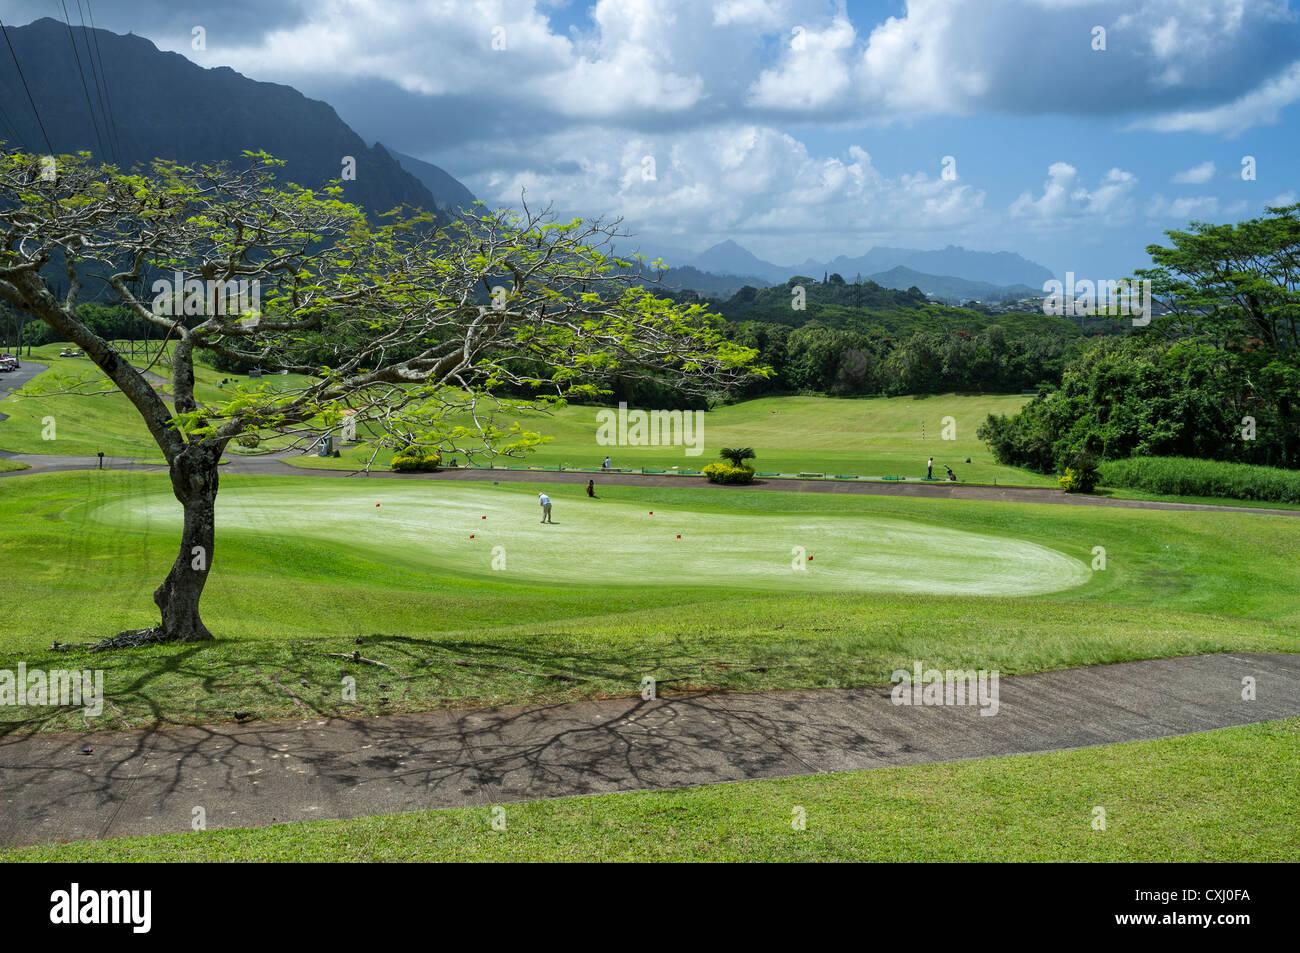 Practice putting green et un practice de golf Club Ko'olau près de Plage de Ko'olau à Kaneohe, Photo Stock